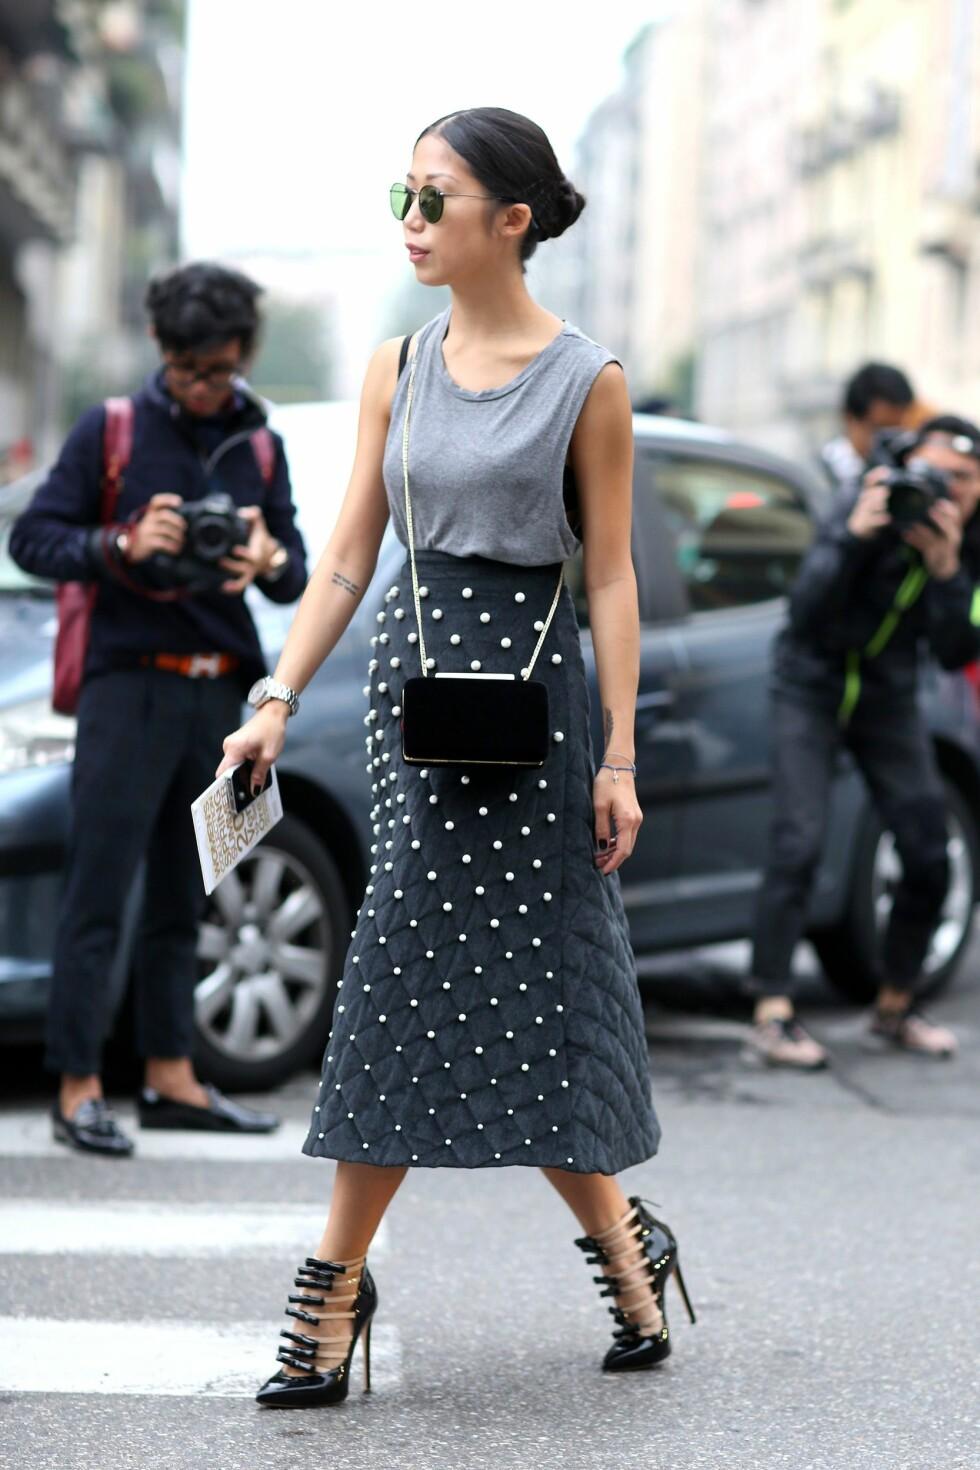 La skjørtet være smykket - en ellers rocka stil får en feminin vri med perle-utsmykninger i et av plaggene.  Foto: All Over